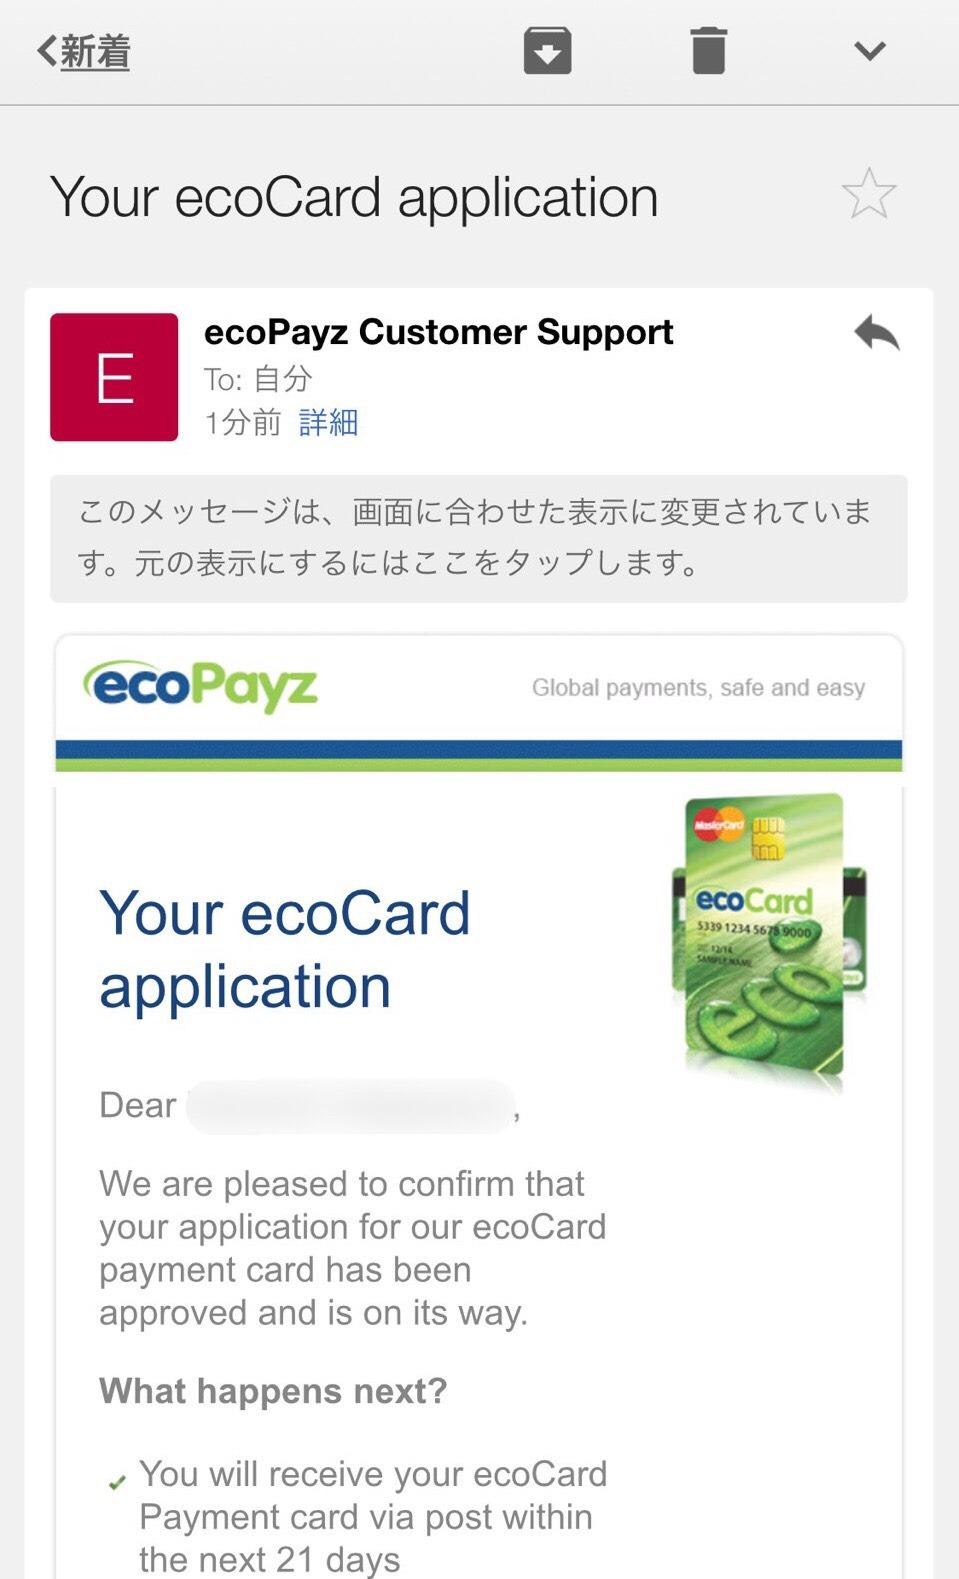 エコペイズからカード発行のお知らせ